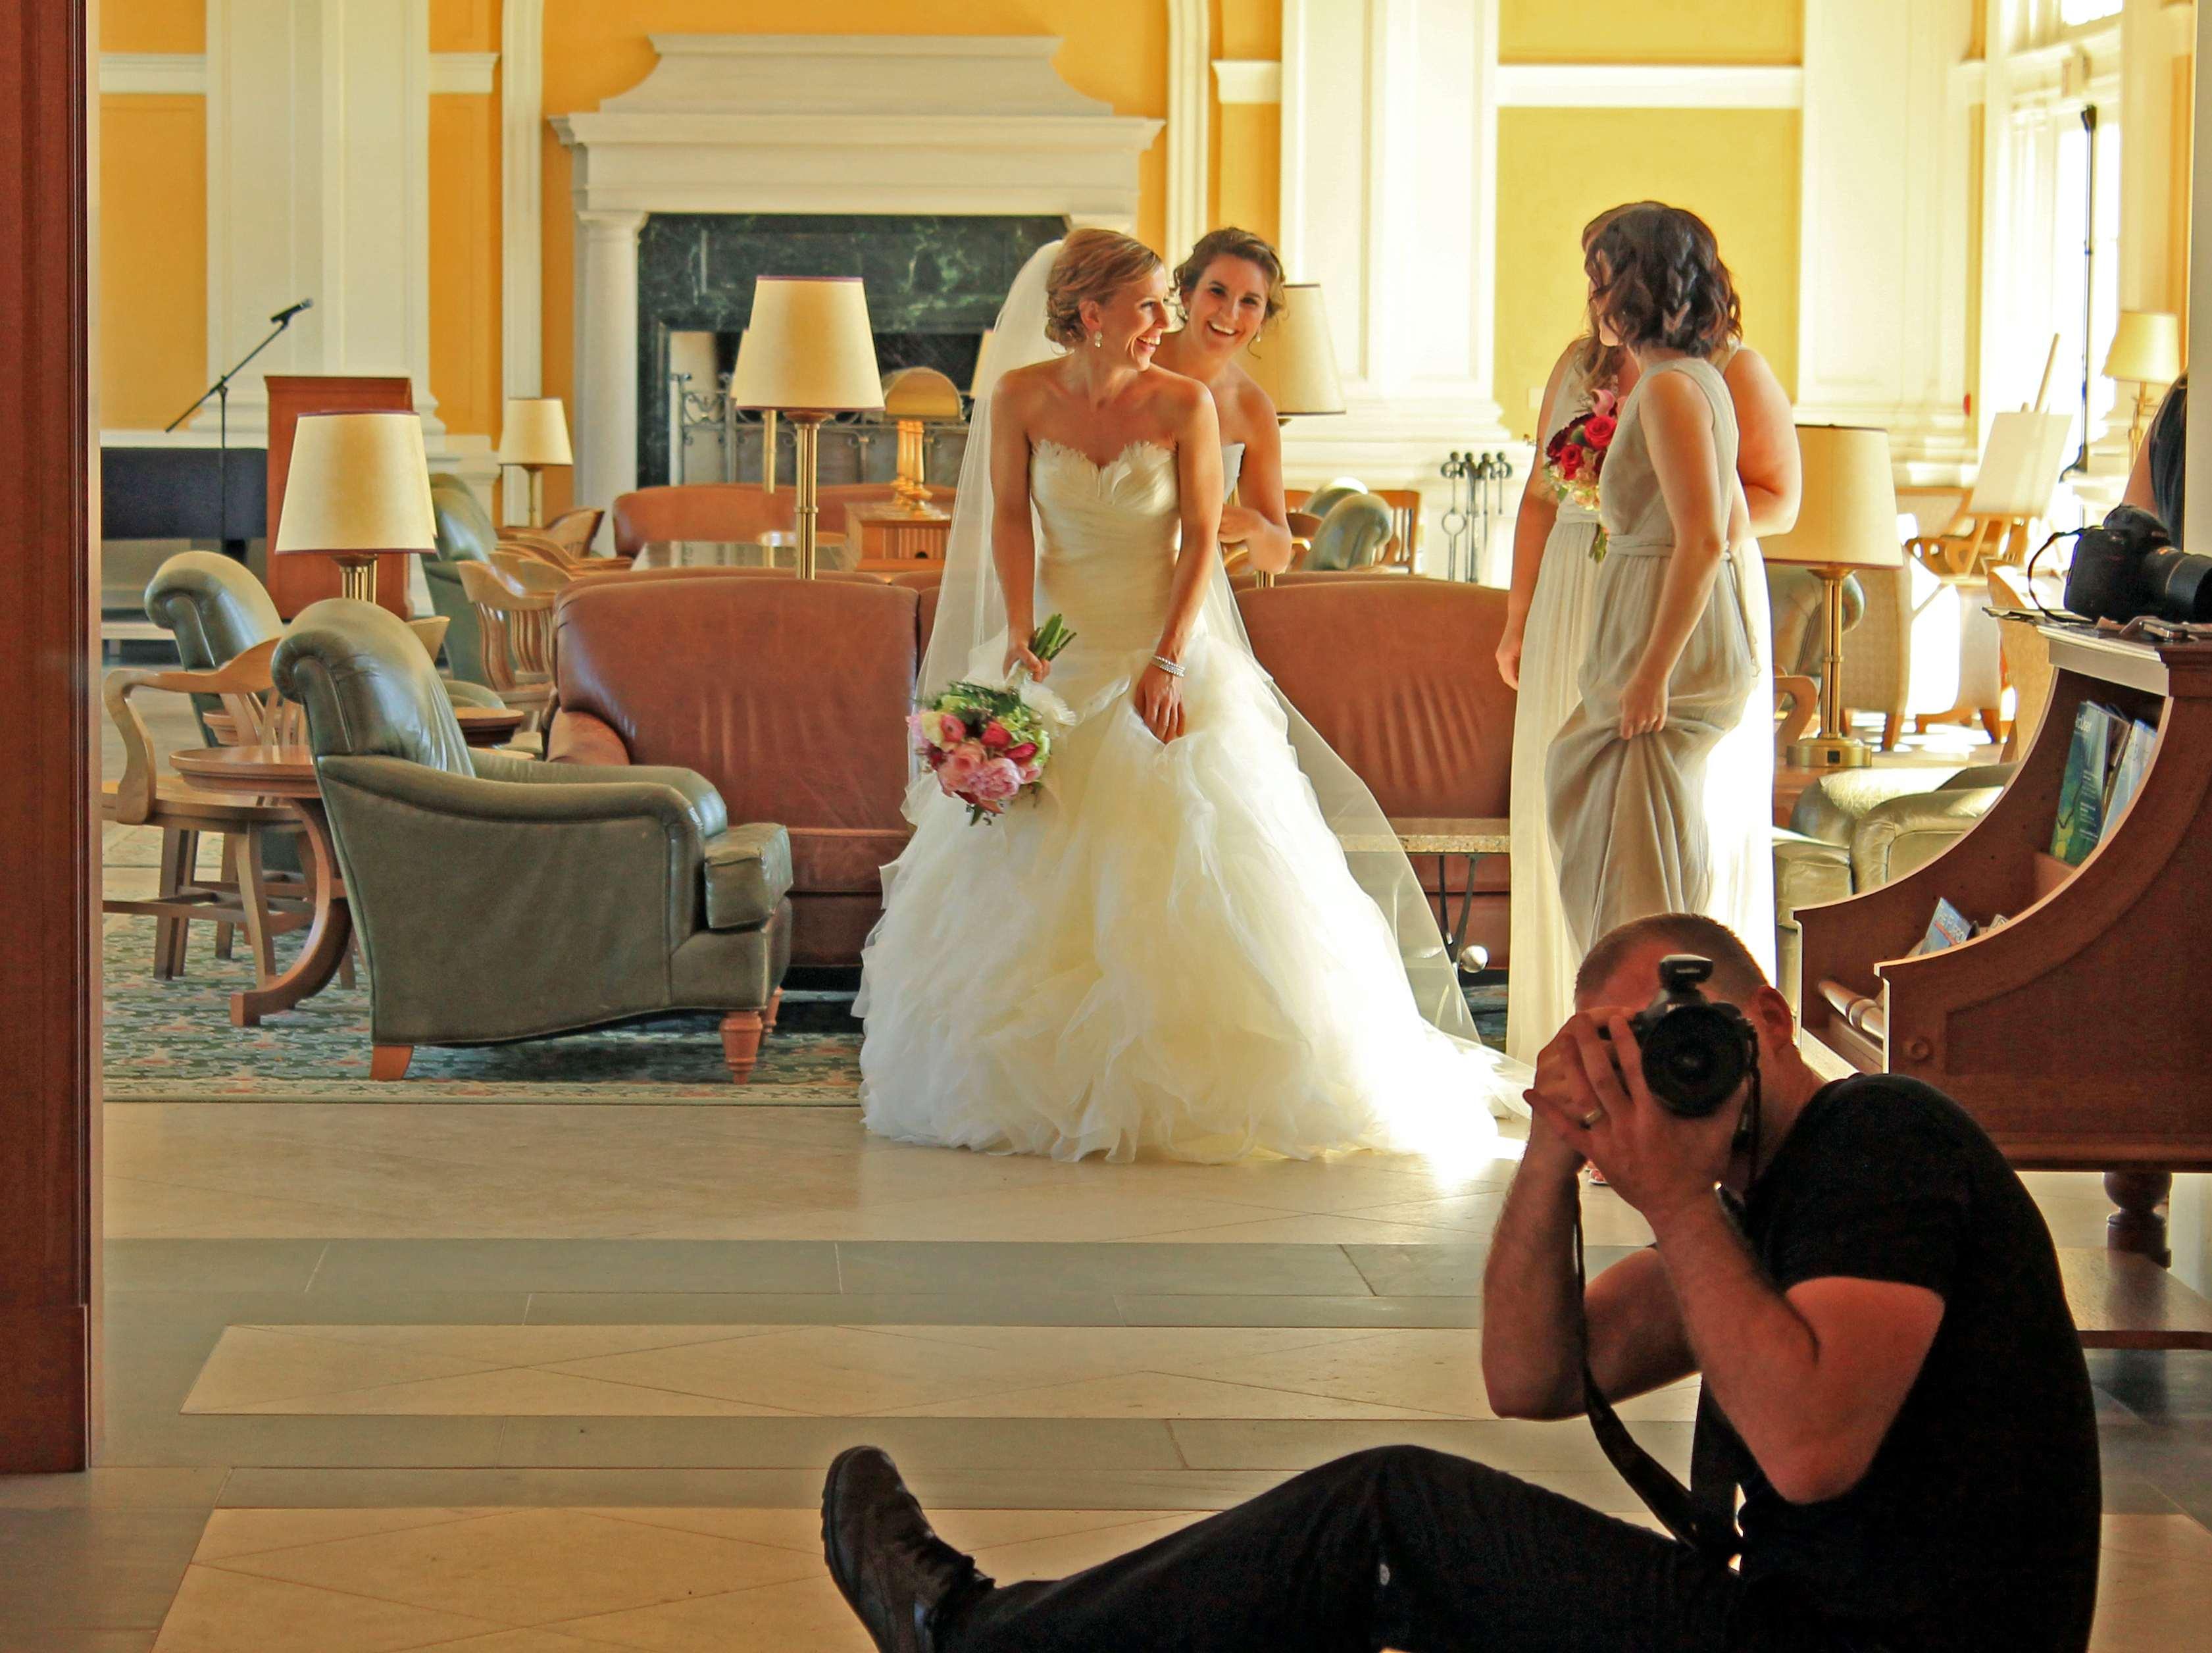 Wedding Day in Nova Scotia - Focal Journey